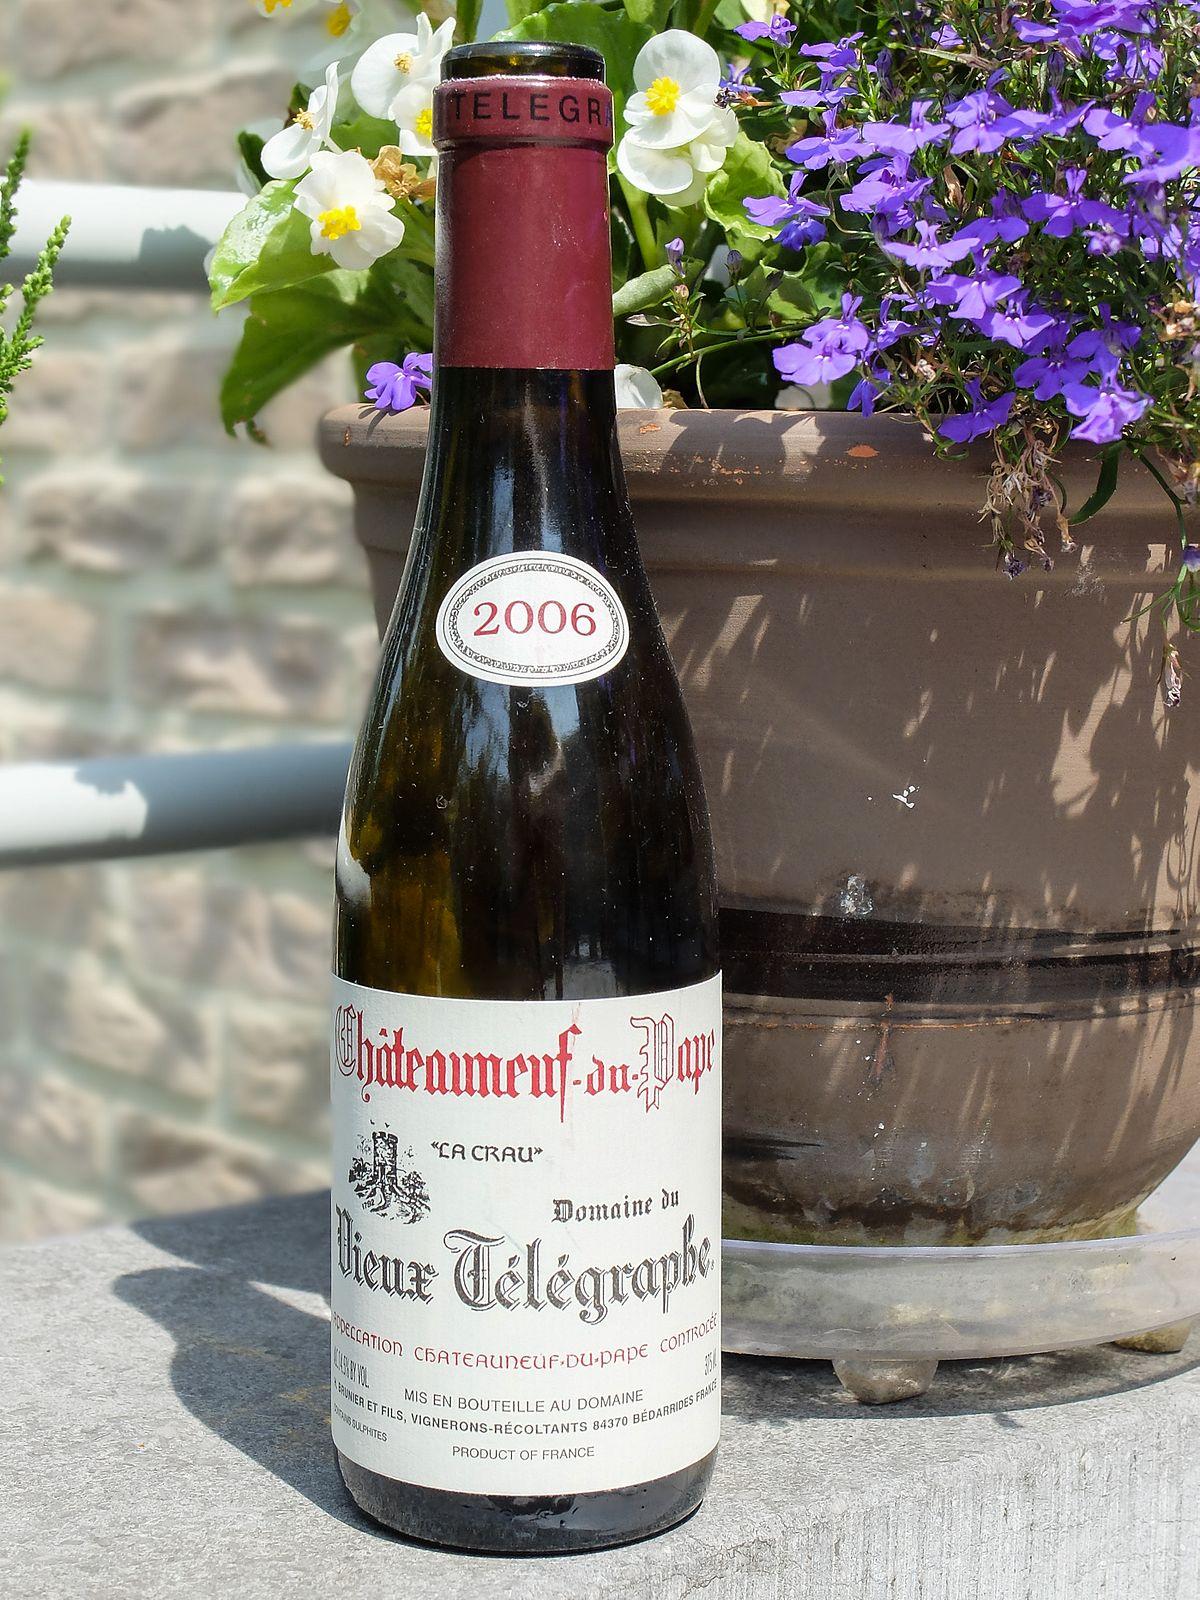 liste des vins aoc franais wikipdia